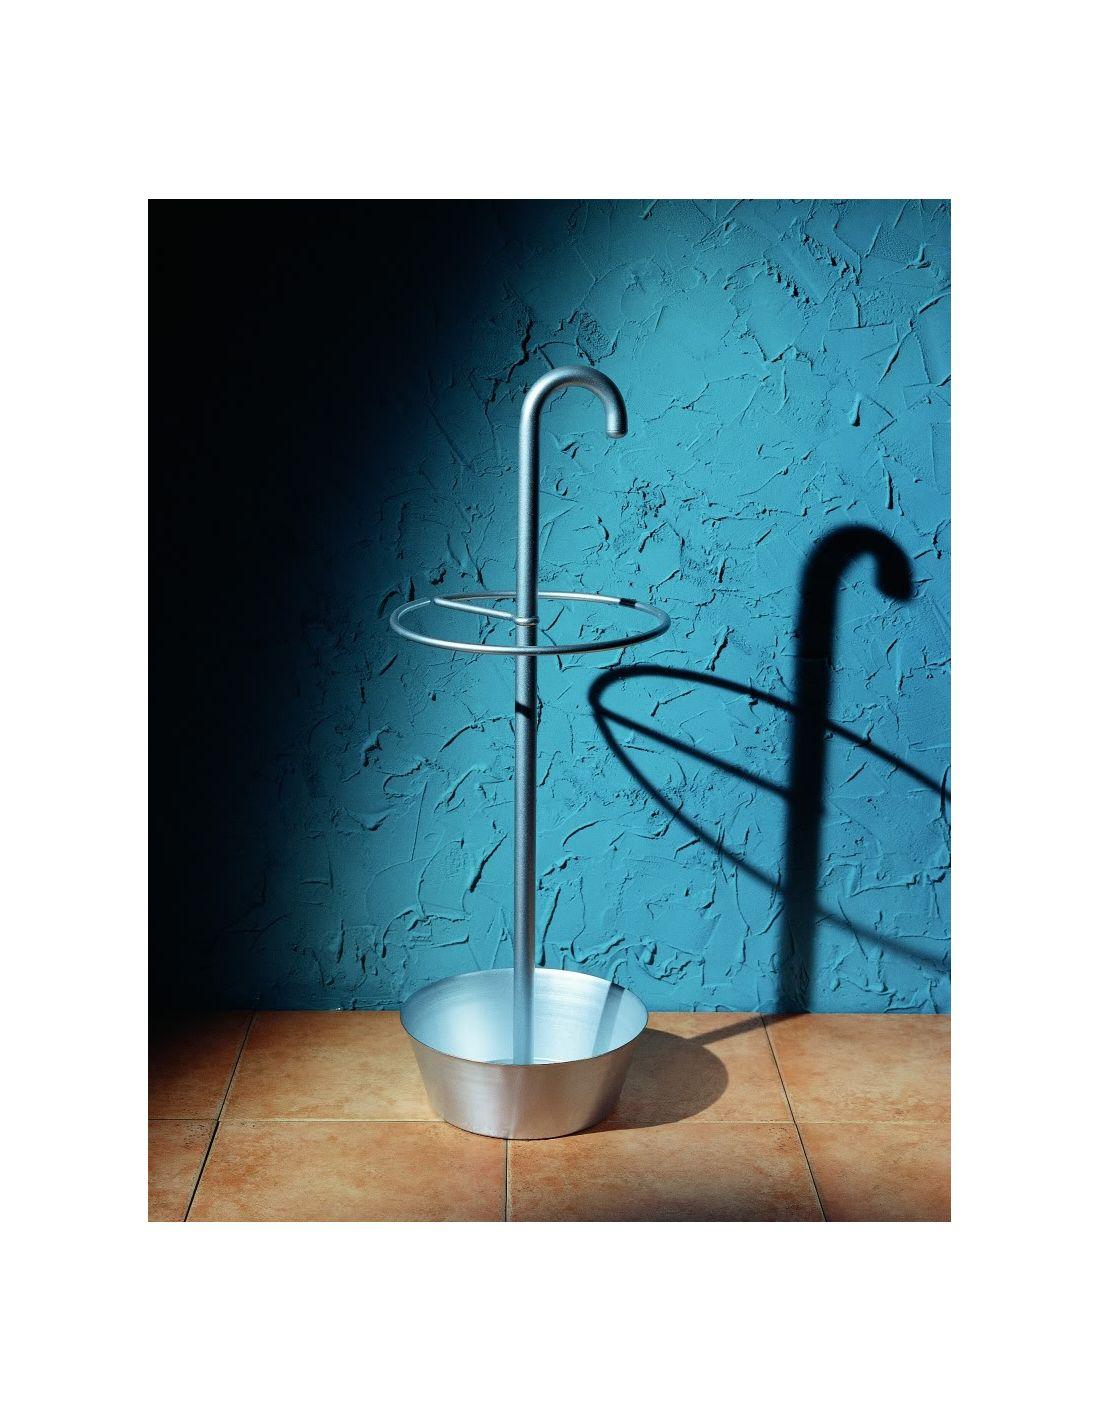 Portaombrelli scagno in acciaio porta ombrelli design - Portaombrelli design originale ...